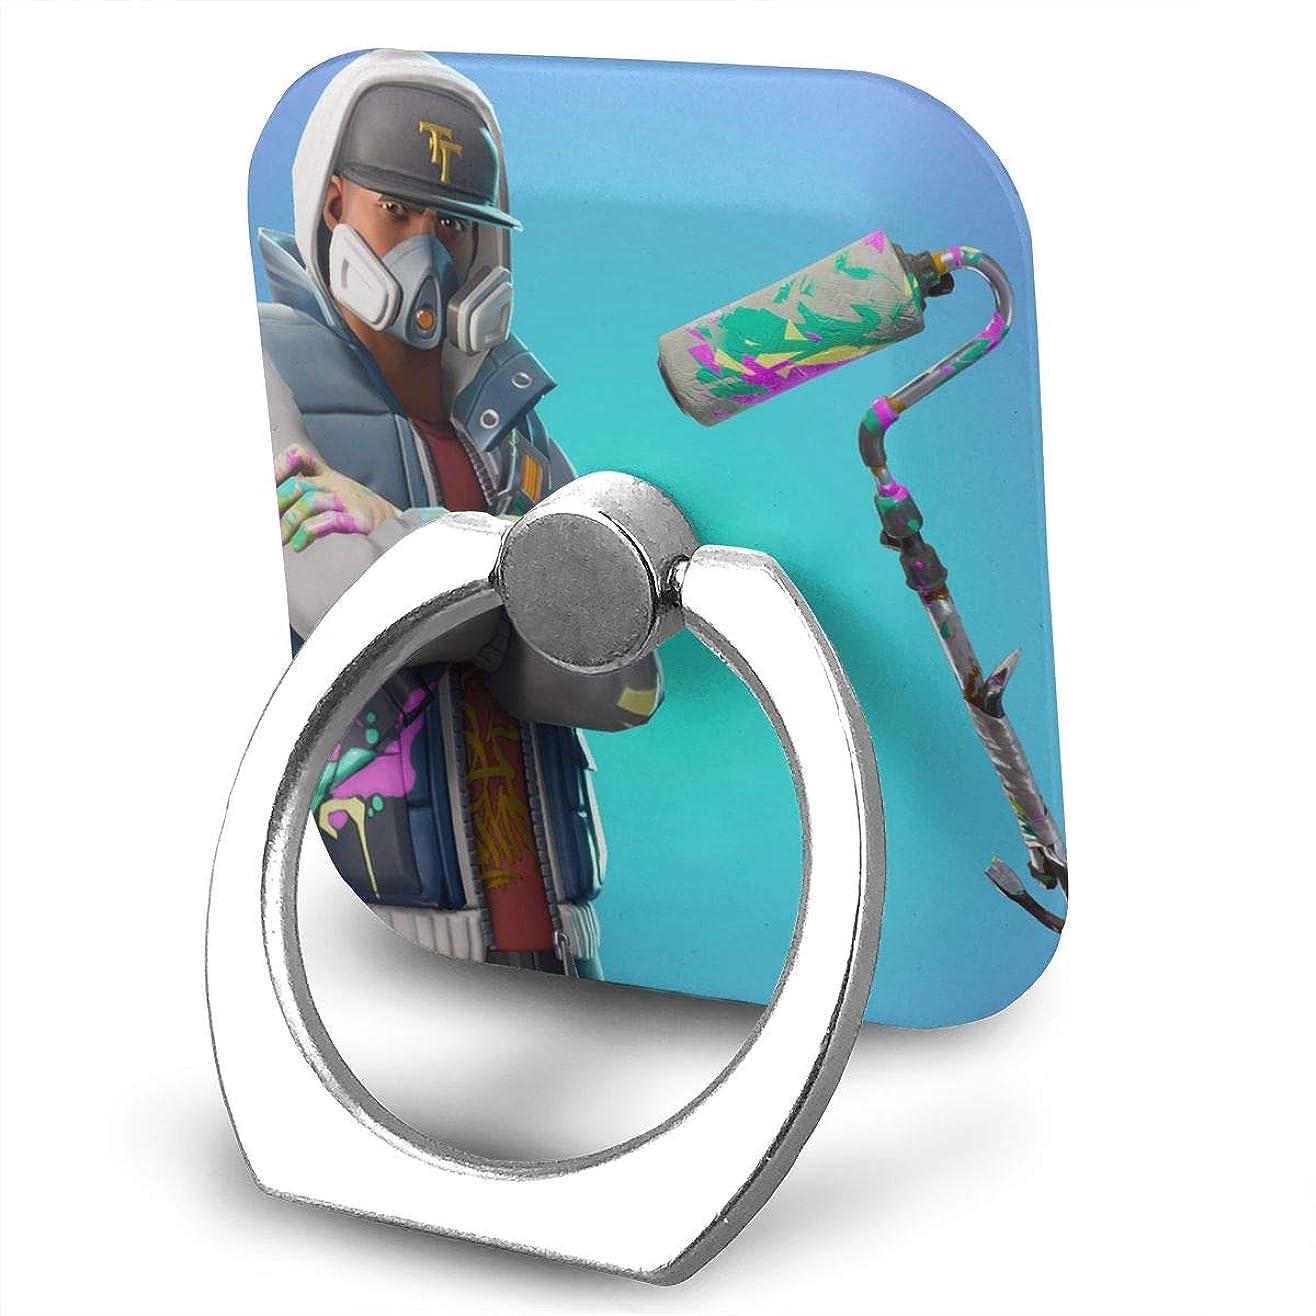 配分救い新鮮なGreatayifong フォートナイト バトルロイヤル バンカーリング スマホ リング 人気 ホールドリング 薄型 スタンド機能 ホルダー 落下防止 軽い 360 回転 IPhone/Android各種他対応 (シルバー)